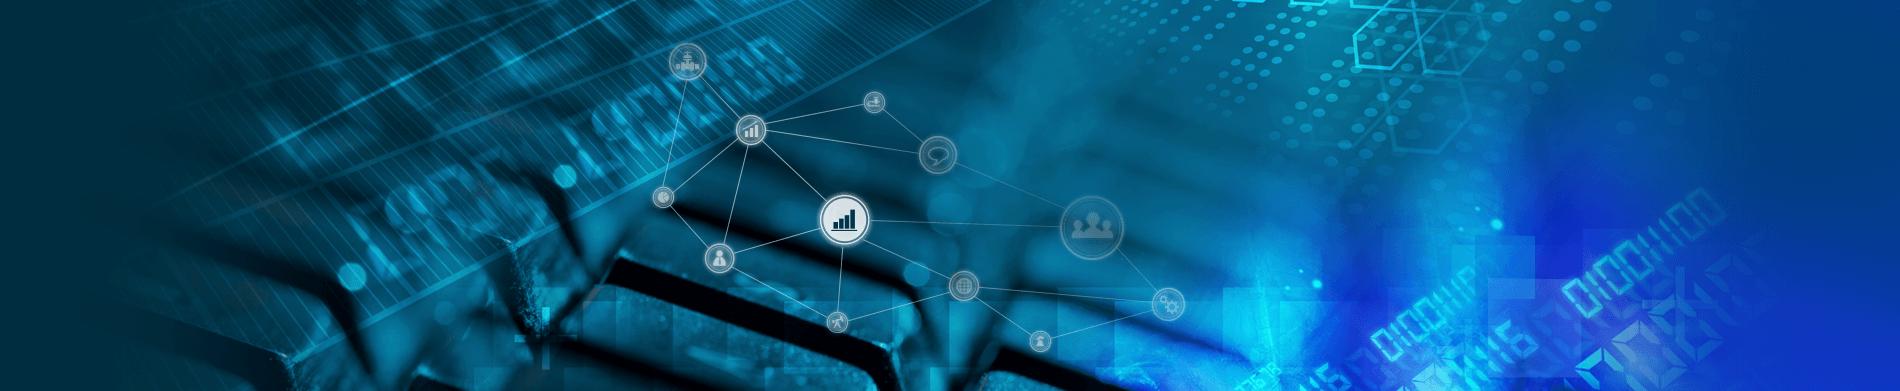 Проектирование и разработка информационных систем